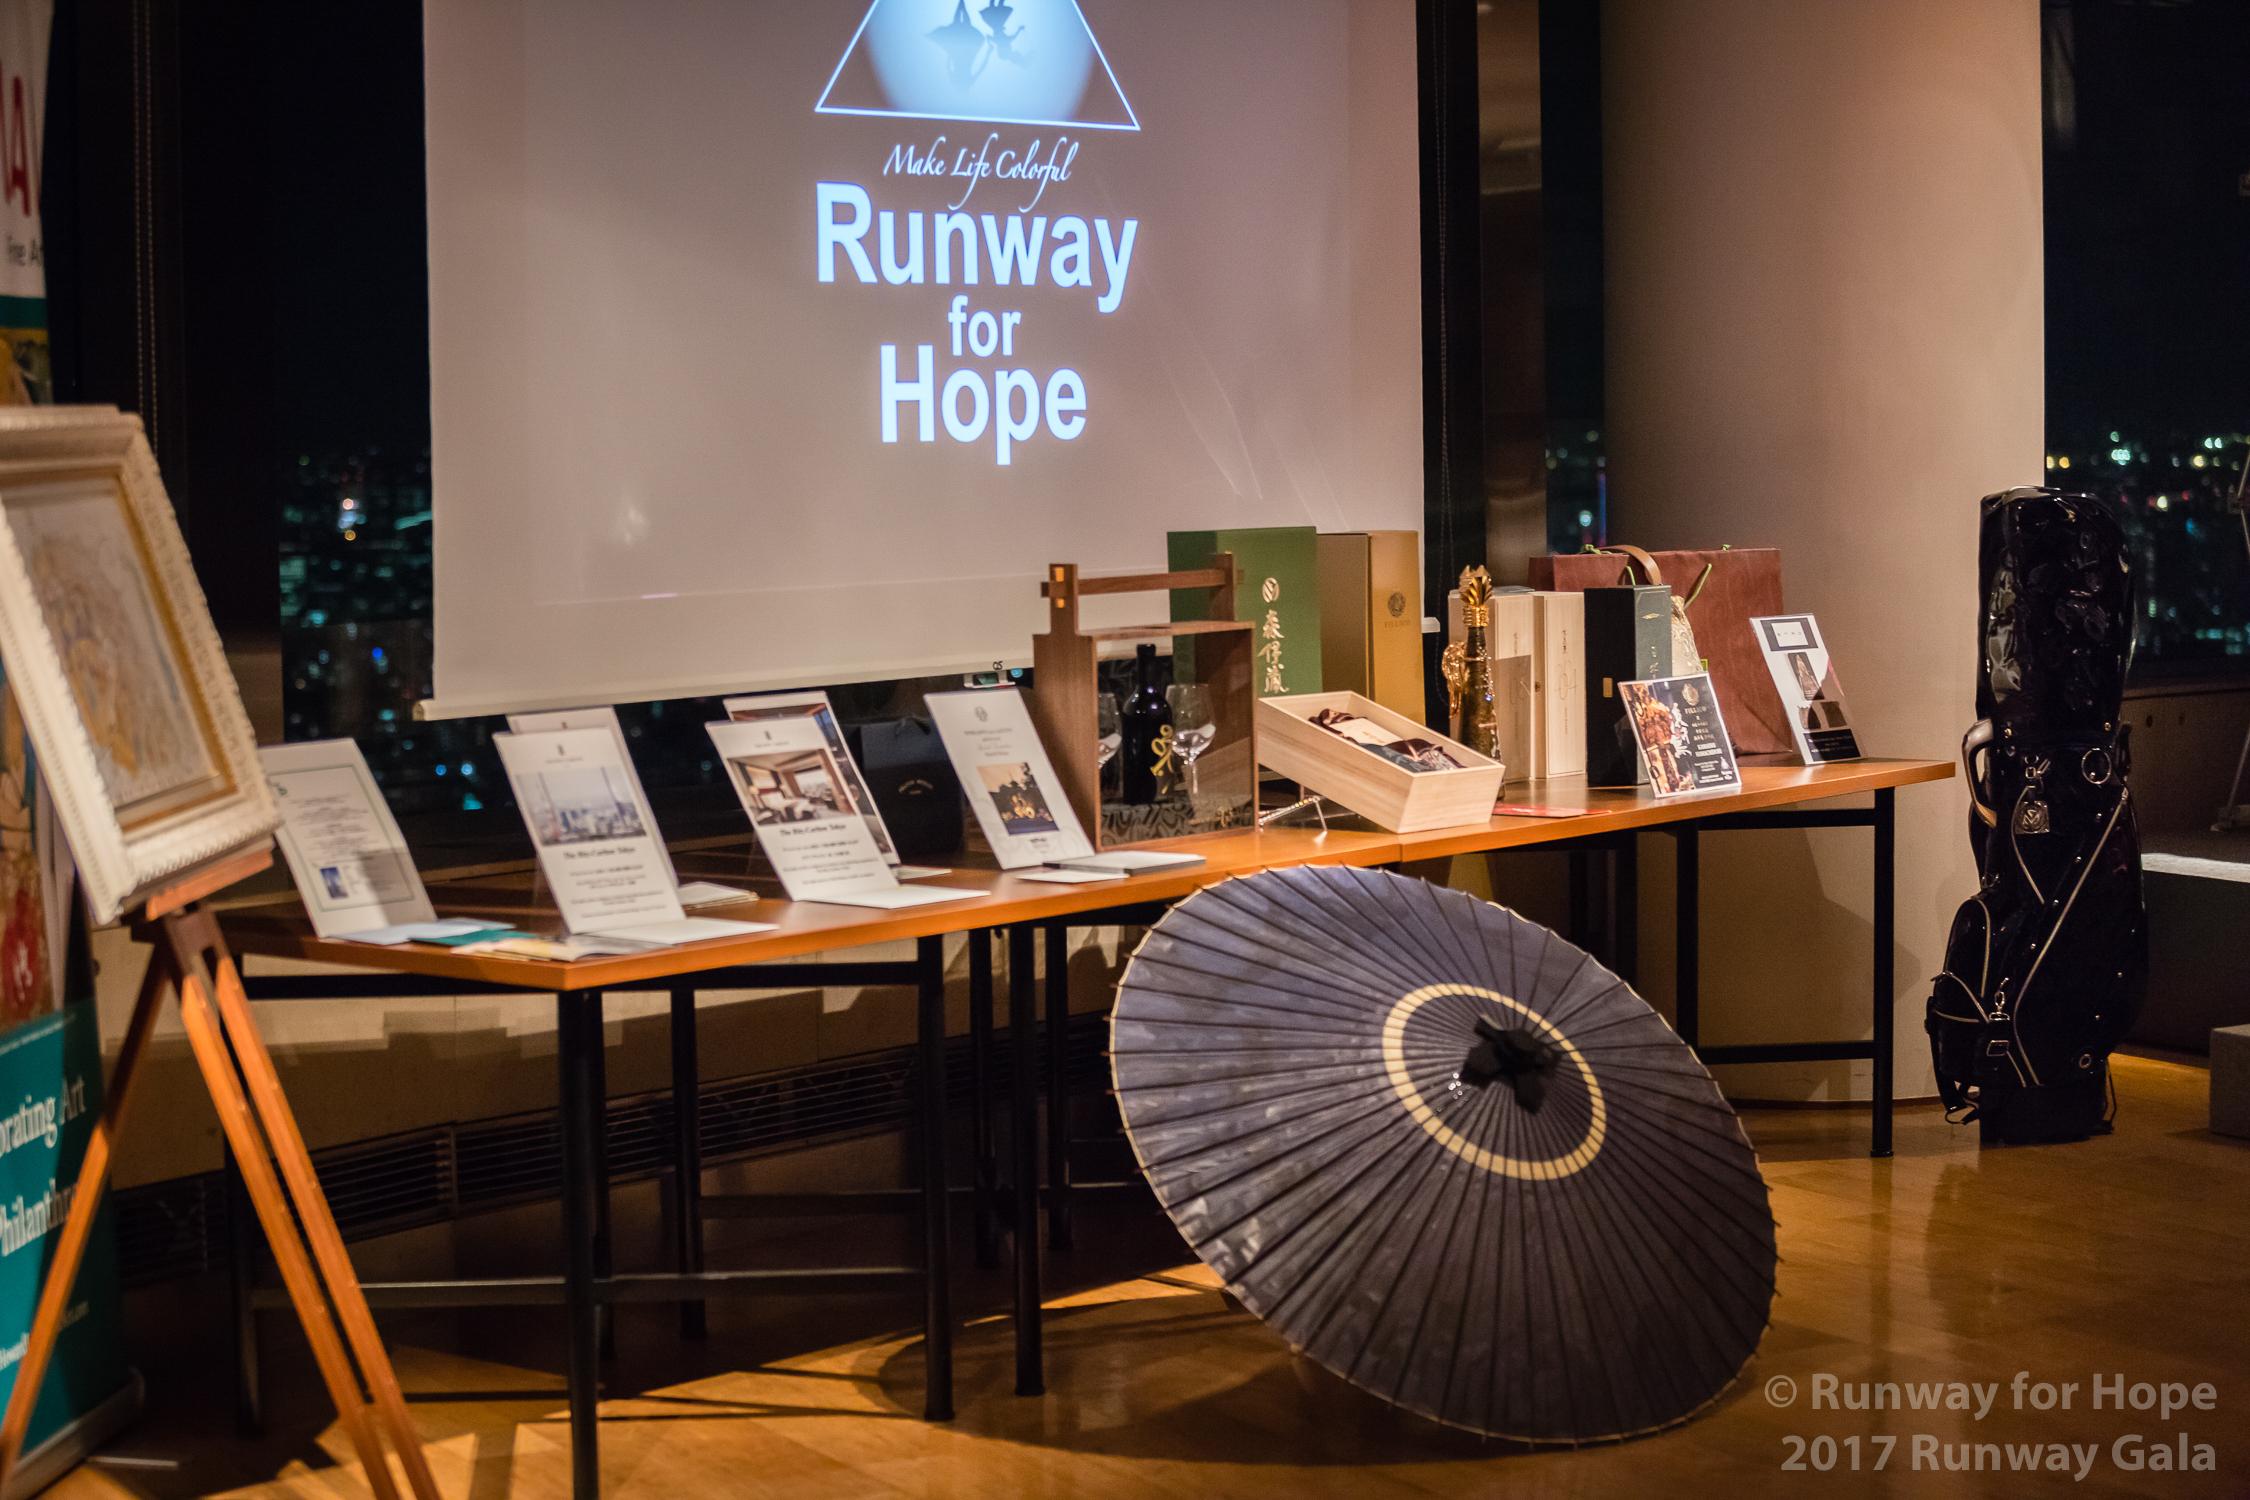 009_17_runway_hope-177